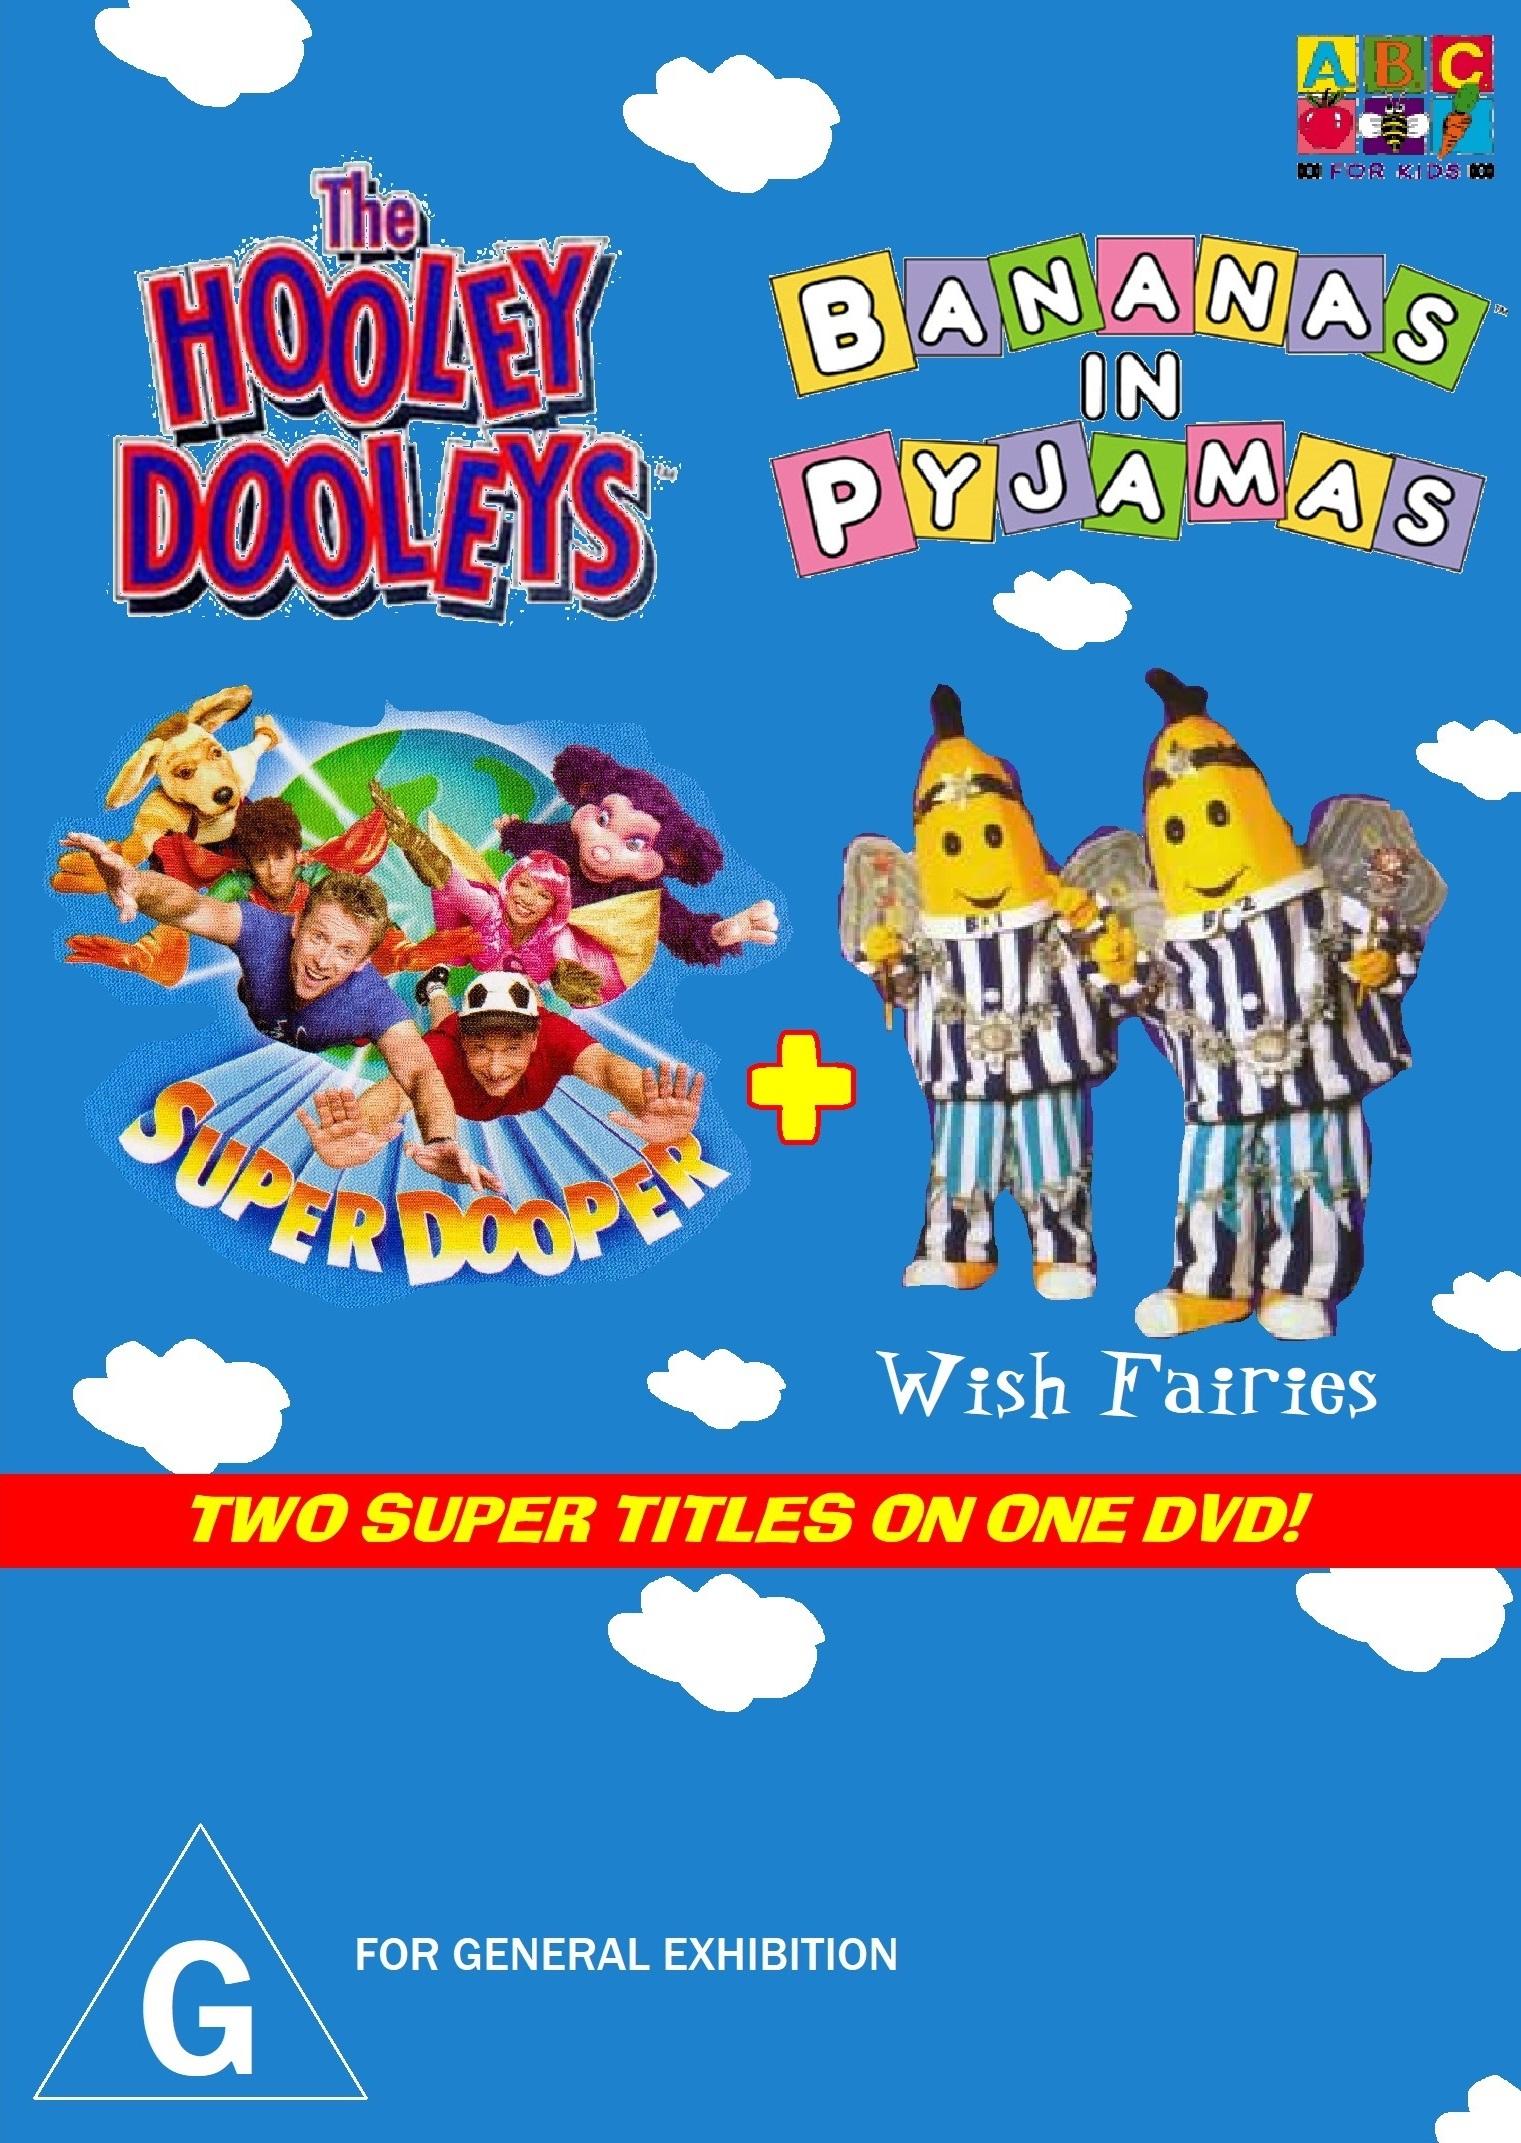 Super Dooper + Wish Fairies